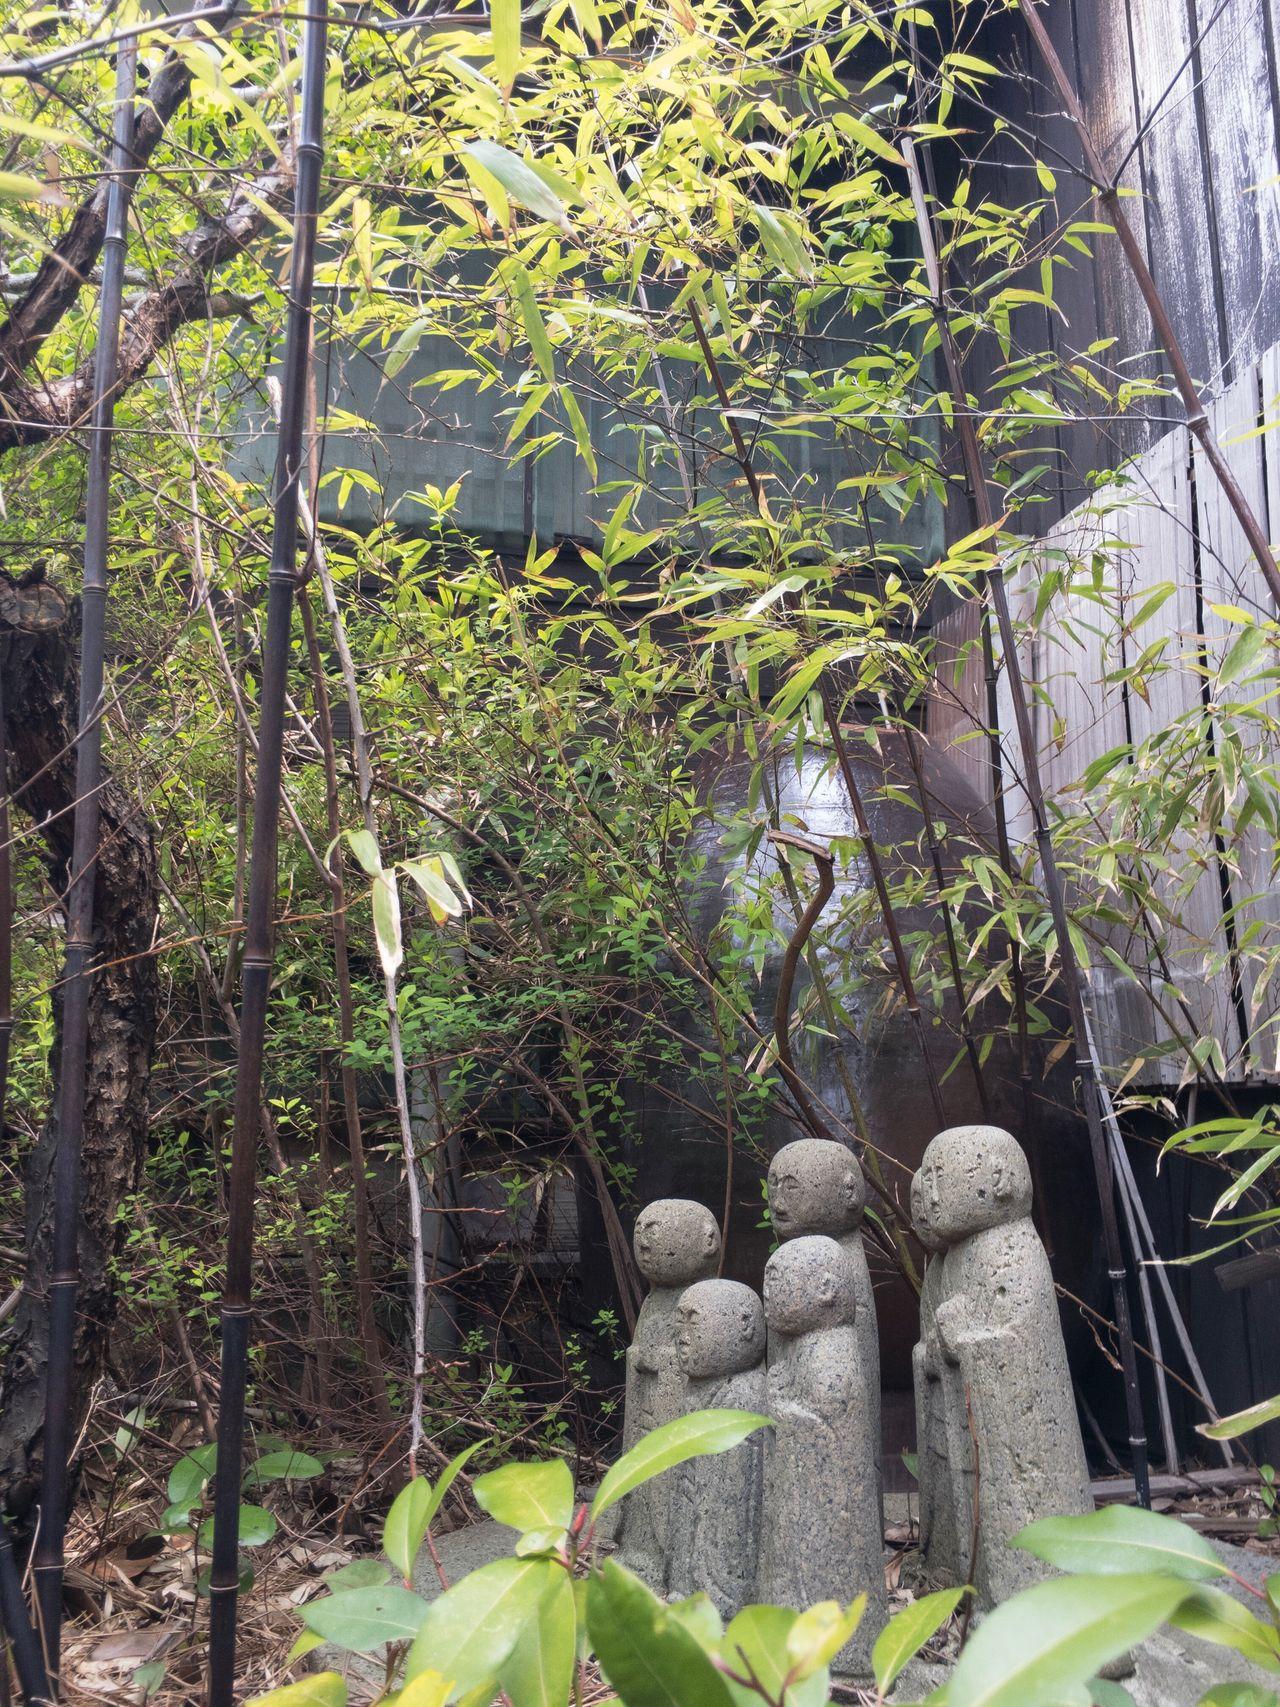 昔の石臼の上に石のお地蔵様。 Doso-shin Japanese Shinto Deity Traveler's Guardian Deity. Jizo Japanese Culture Japanese Style EyeEm Gallery From My Point Of View Niigata 新潟 Carving - Craft Product Stone Statue 地蔵